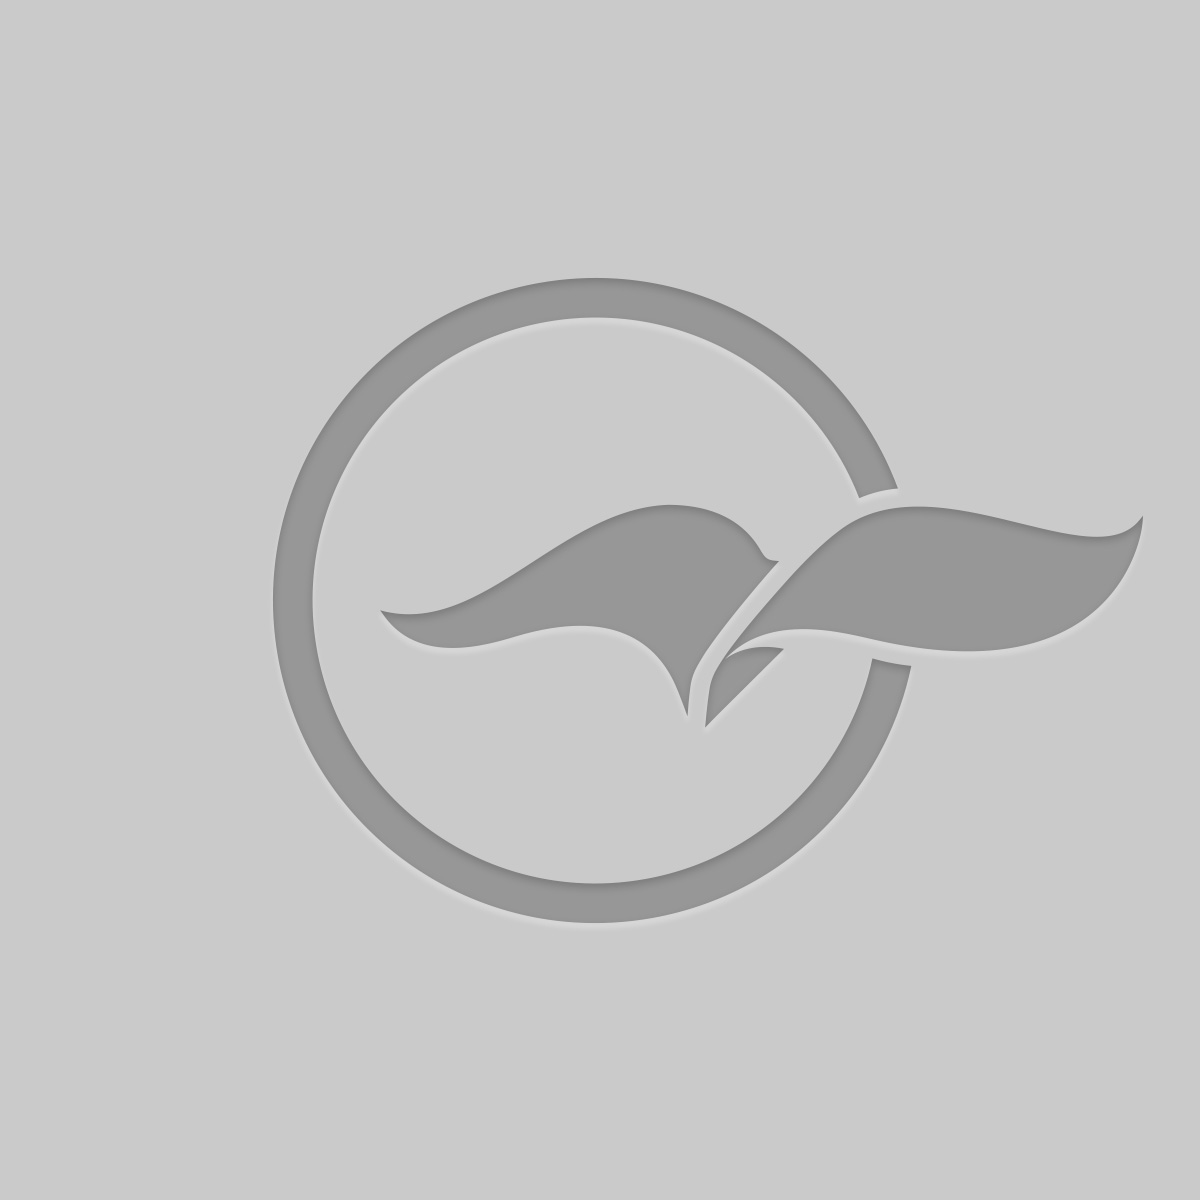 ഡൽഹിയിൽ ശക്തമായ പൊടിക്കാറ്റ്: 20 സംസ്ഥാനങ്ങൾക്ക് ജാഗ്രതാ നിർദേശം